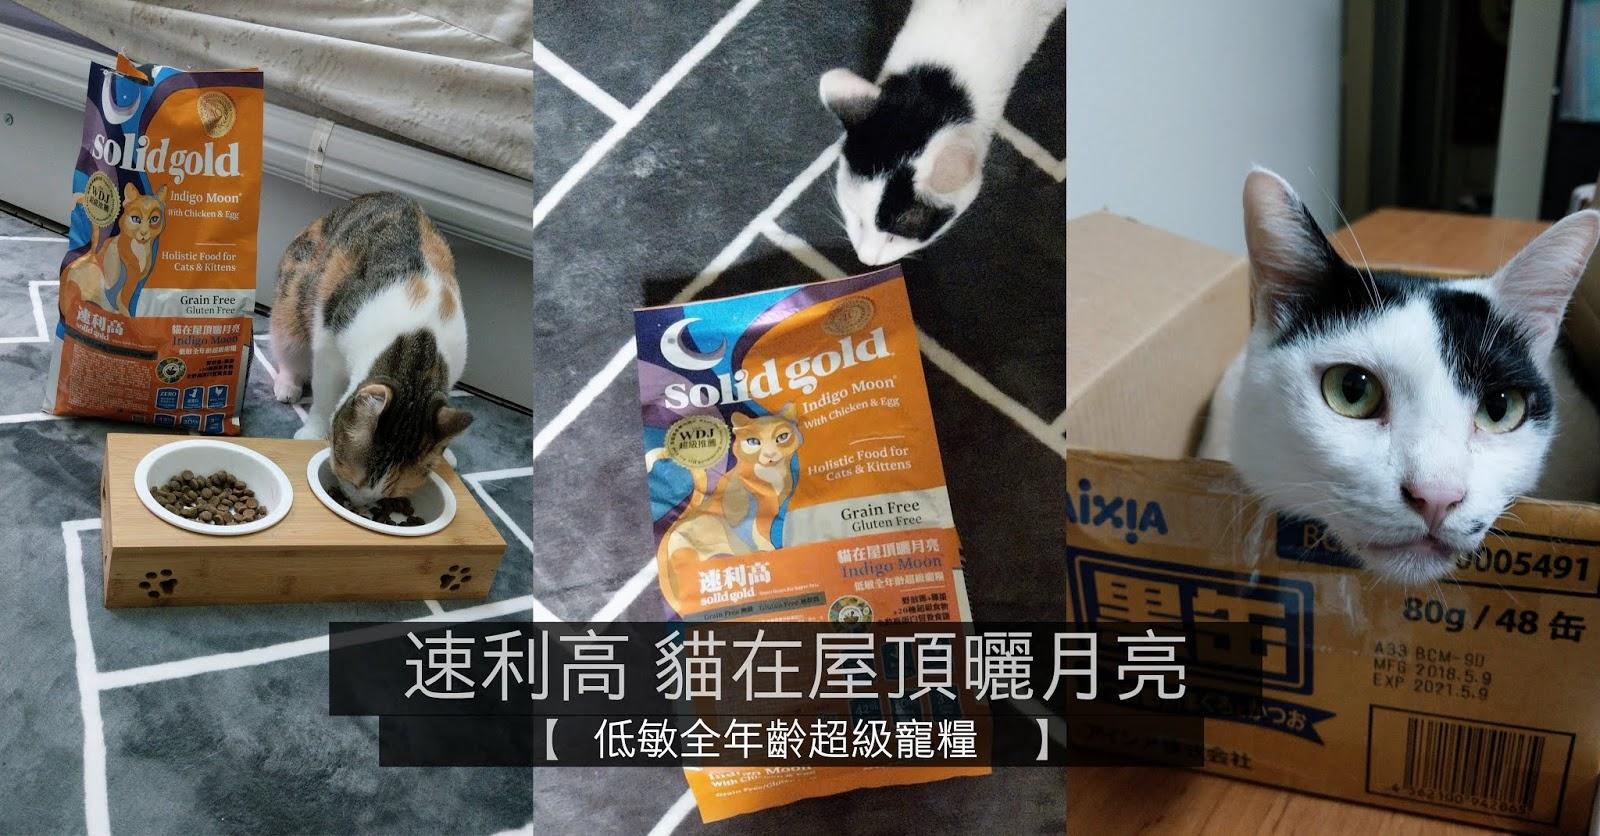 【貓咪飼料】毛小孩的超級食物 Solidgold 速利高 低敏全年齡超級寵糧(貓在屋頂上曬月亮)